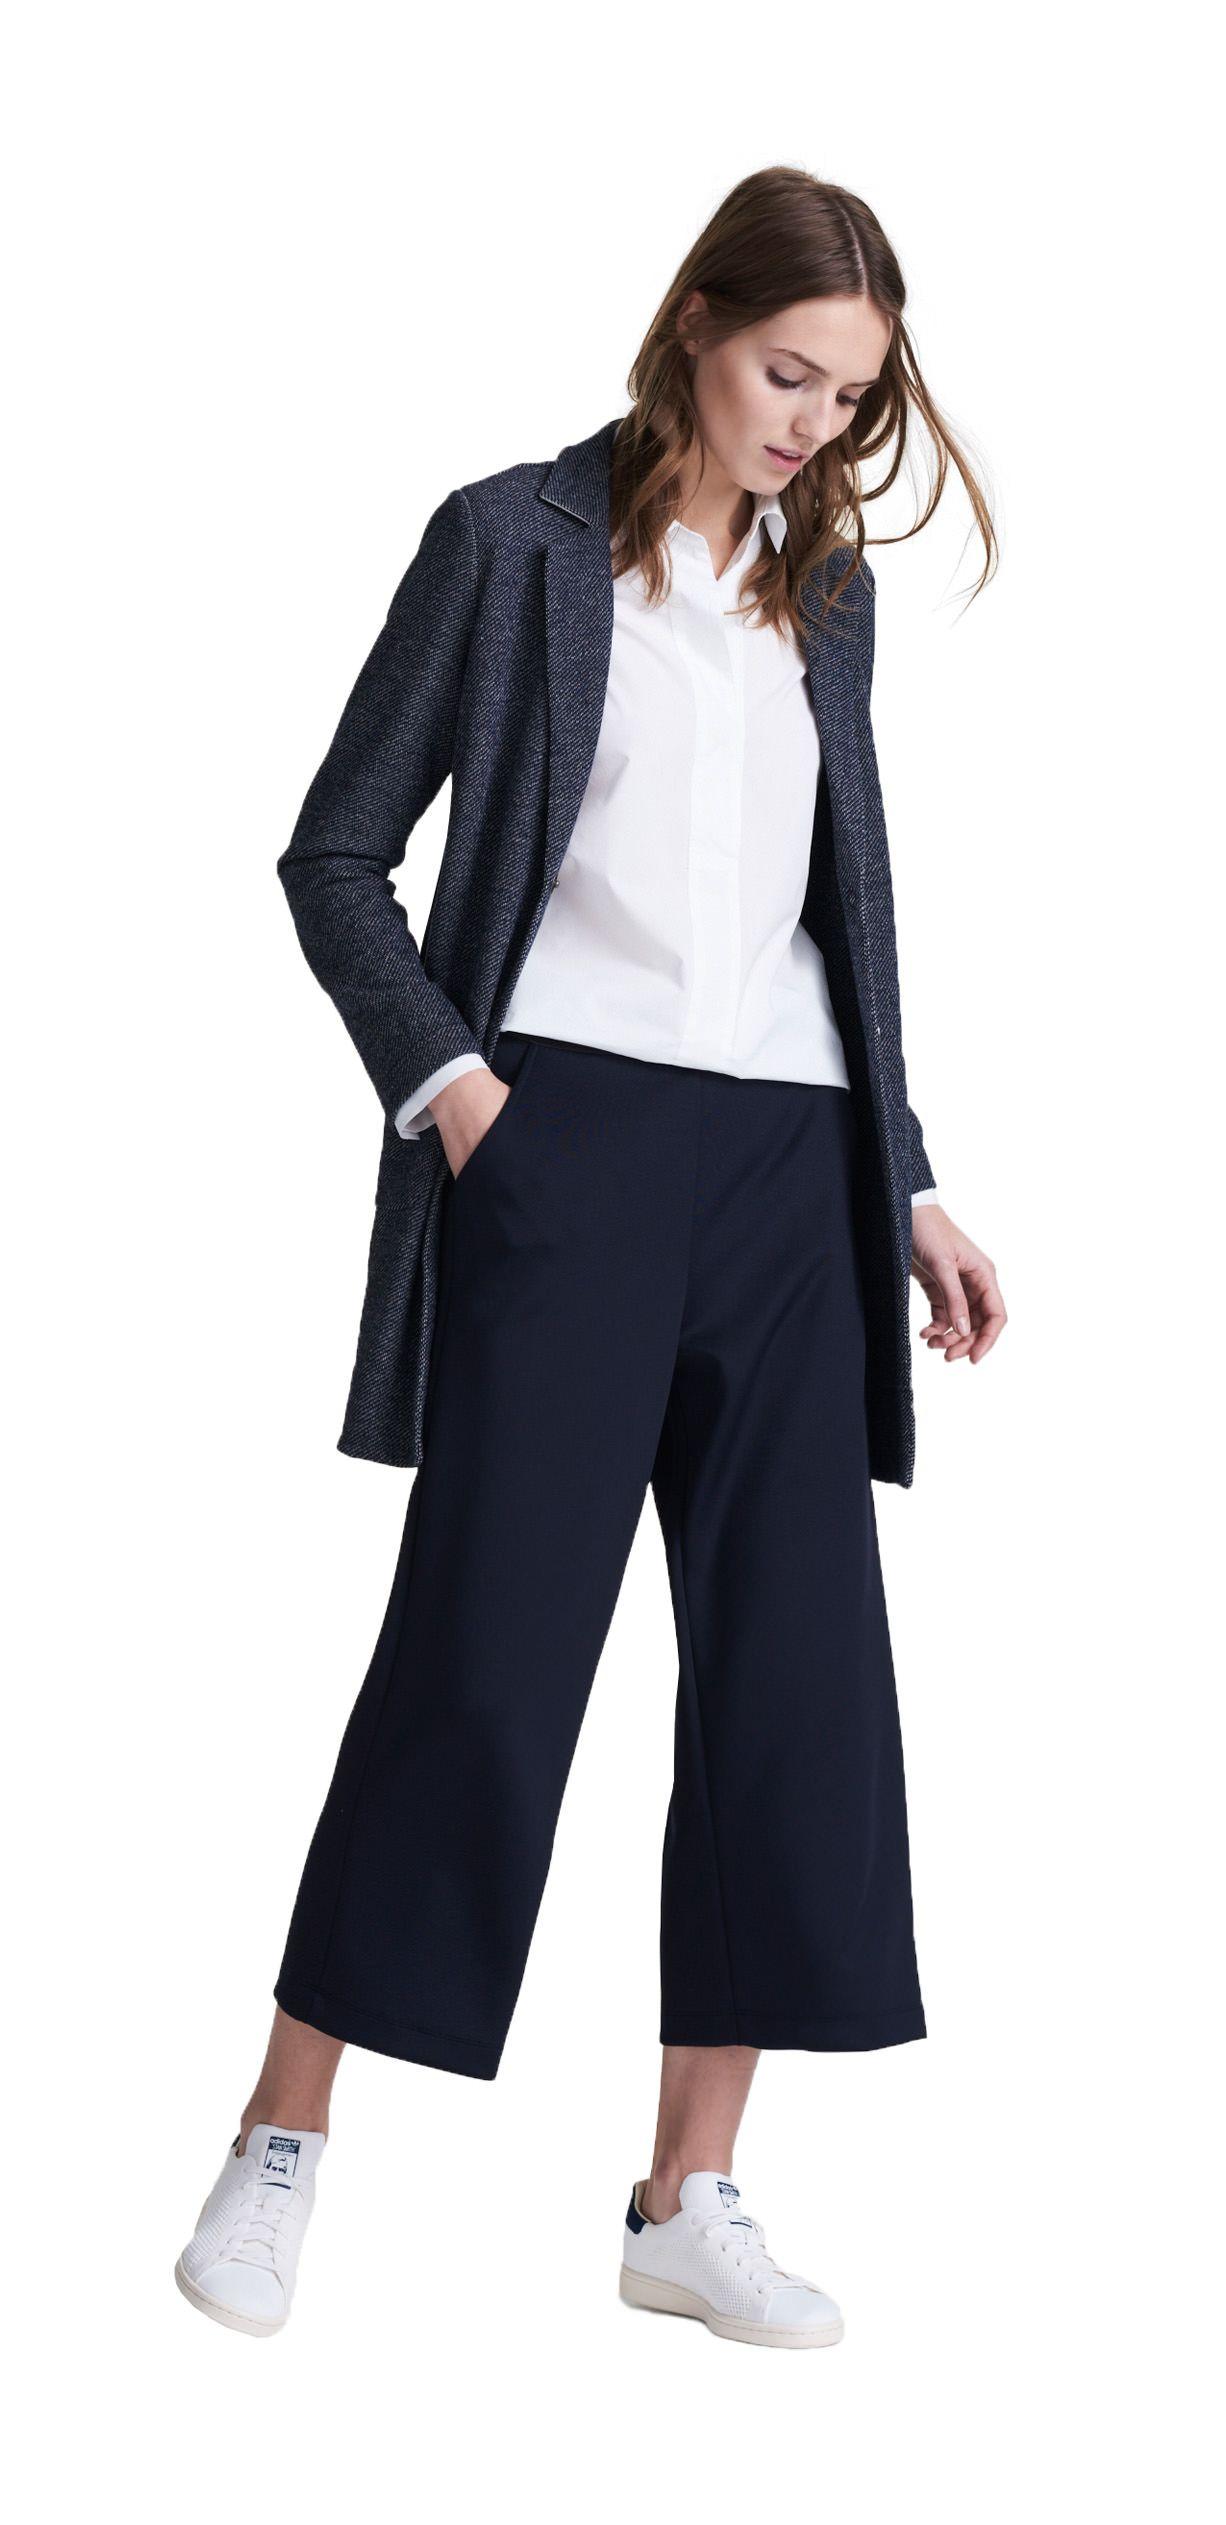 Damen Outfit Geradliniger Look Von Opus Fashion Weisse Bluse Blaue Stoffhose Blauer Mantel ヒューマン フォトショ テクスチャ